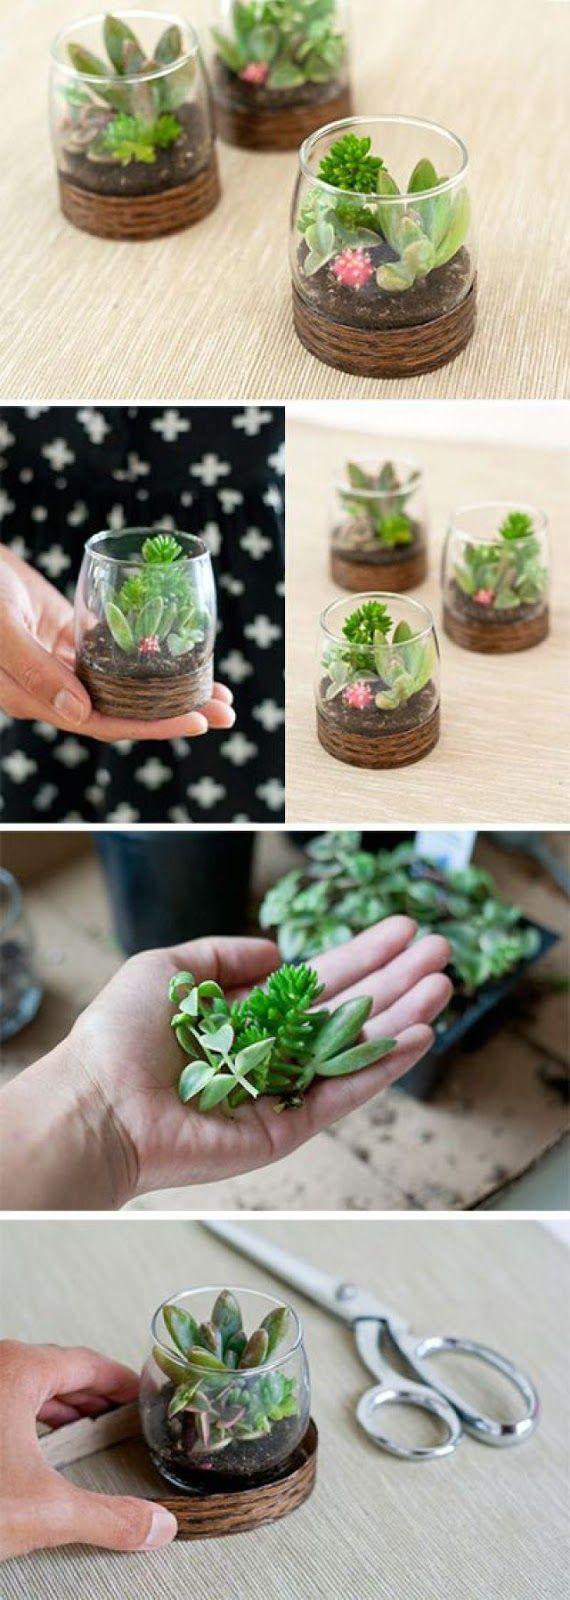 Dica: Usando mudas de plantas como lembrancinha